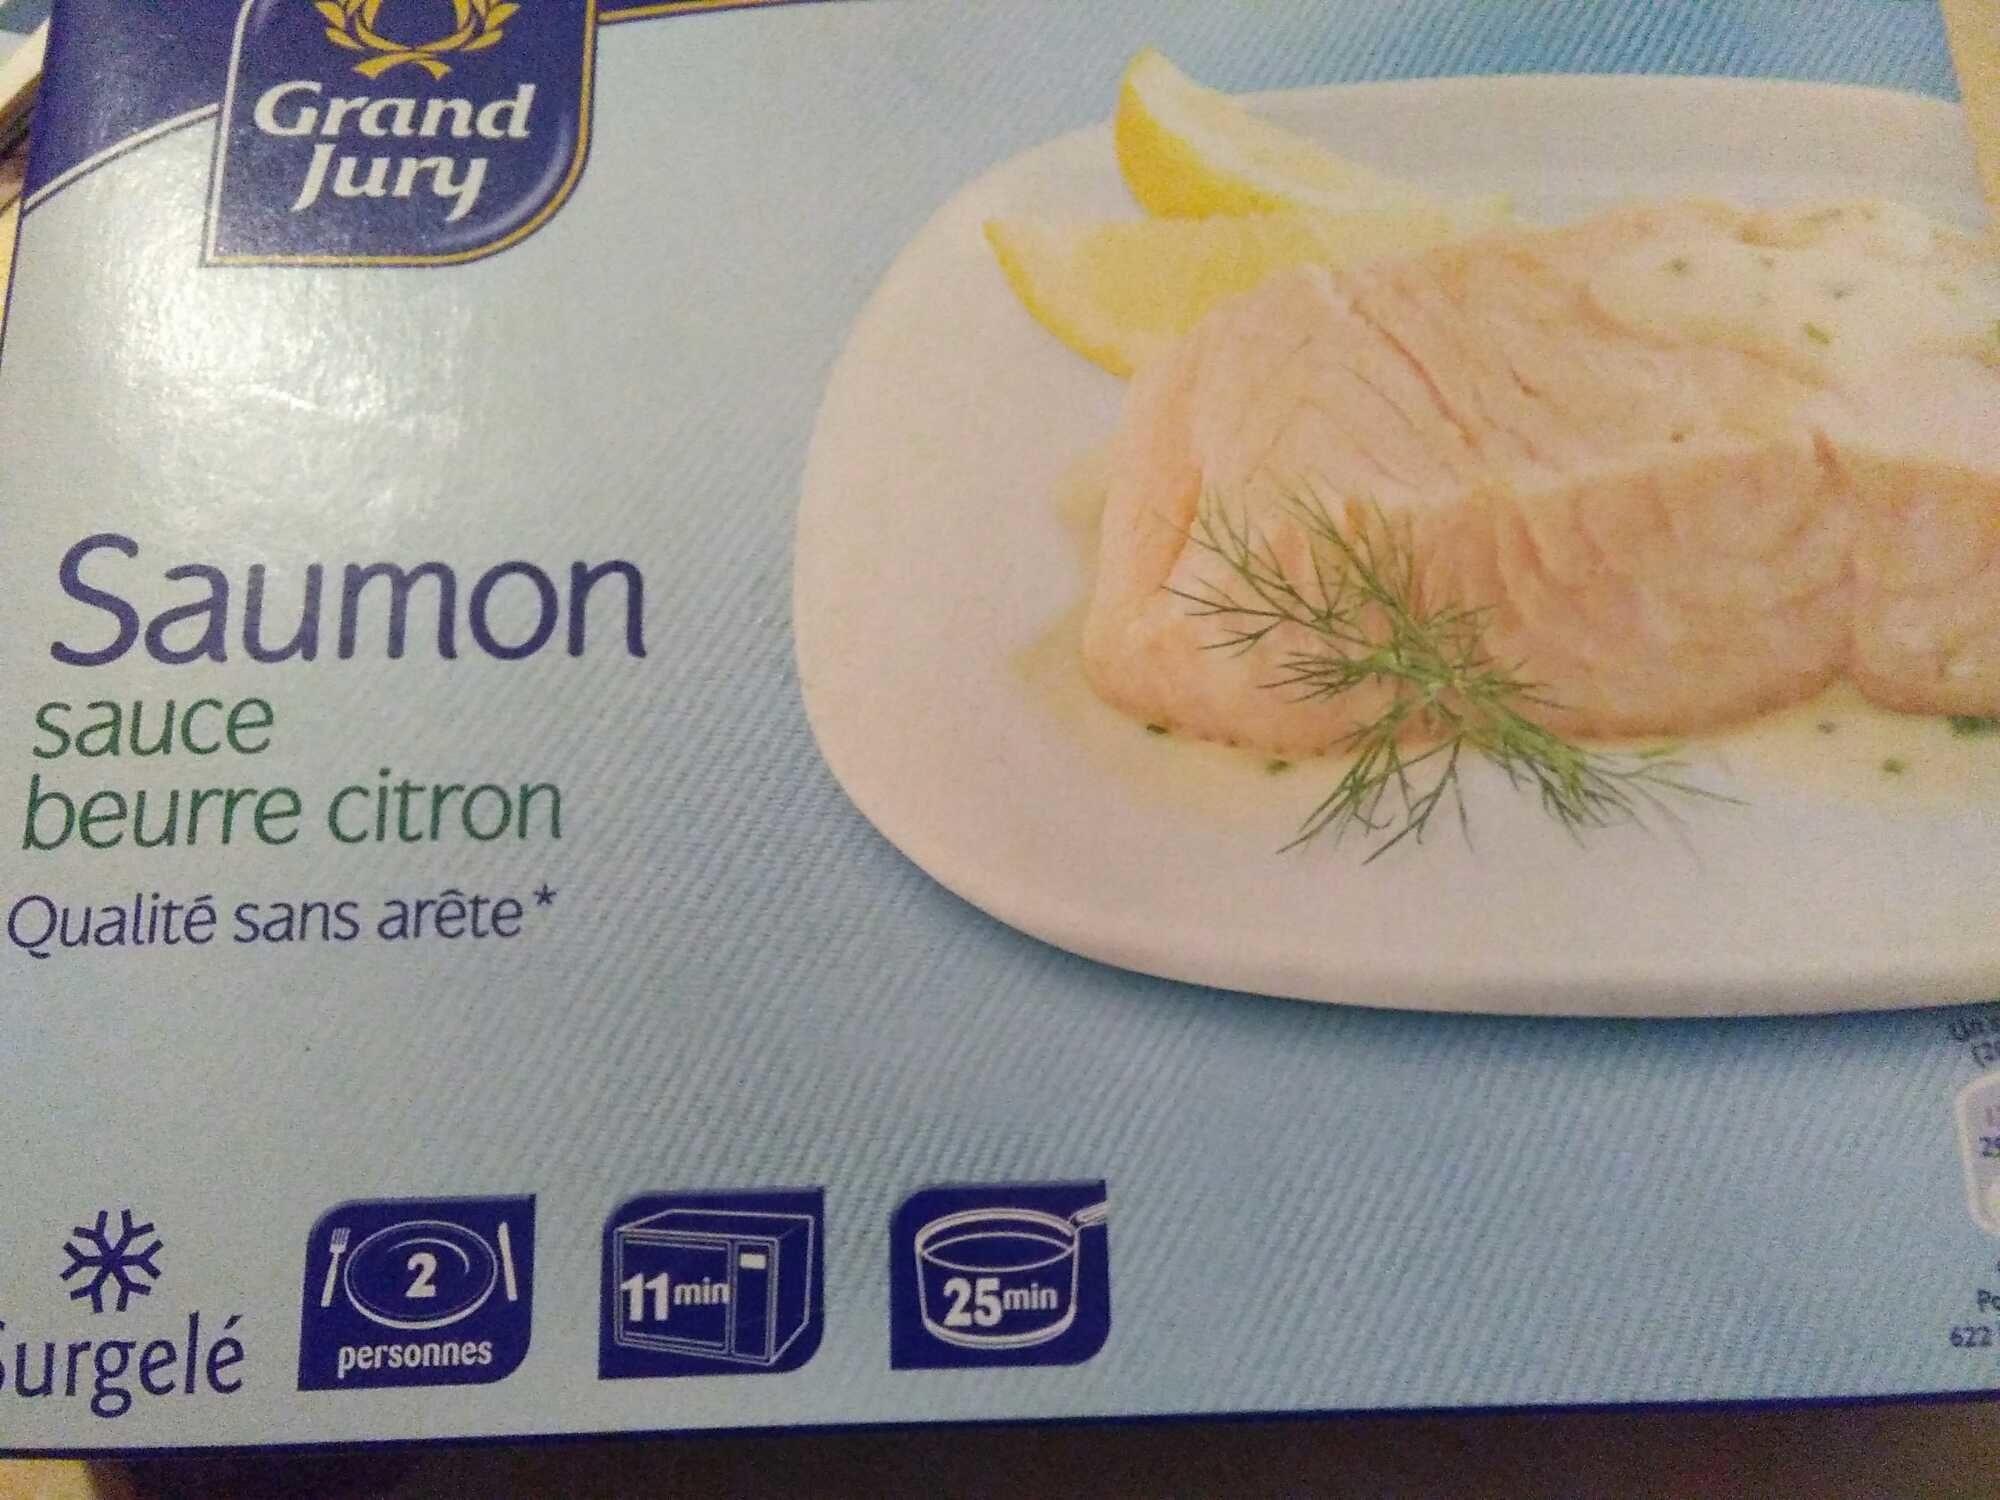 Saumon Sauce Beurre Citron Surgele Grand Jury 400 G E 2 200 G